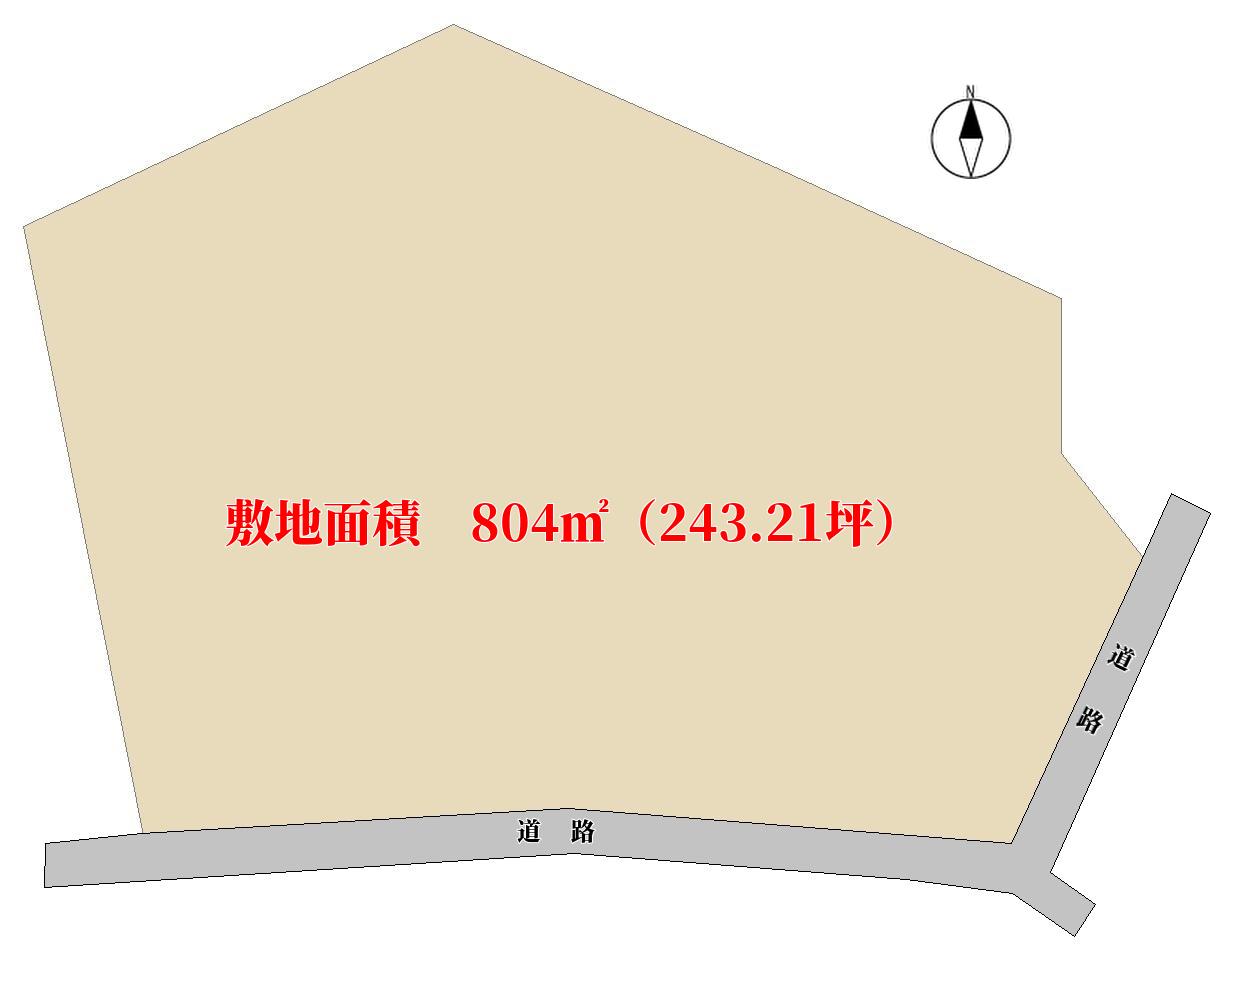 千葉県館山市犬石の不動産、土地、別荘用地